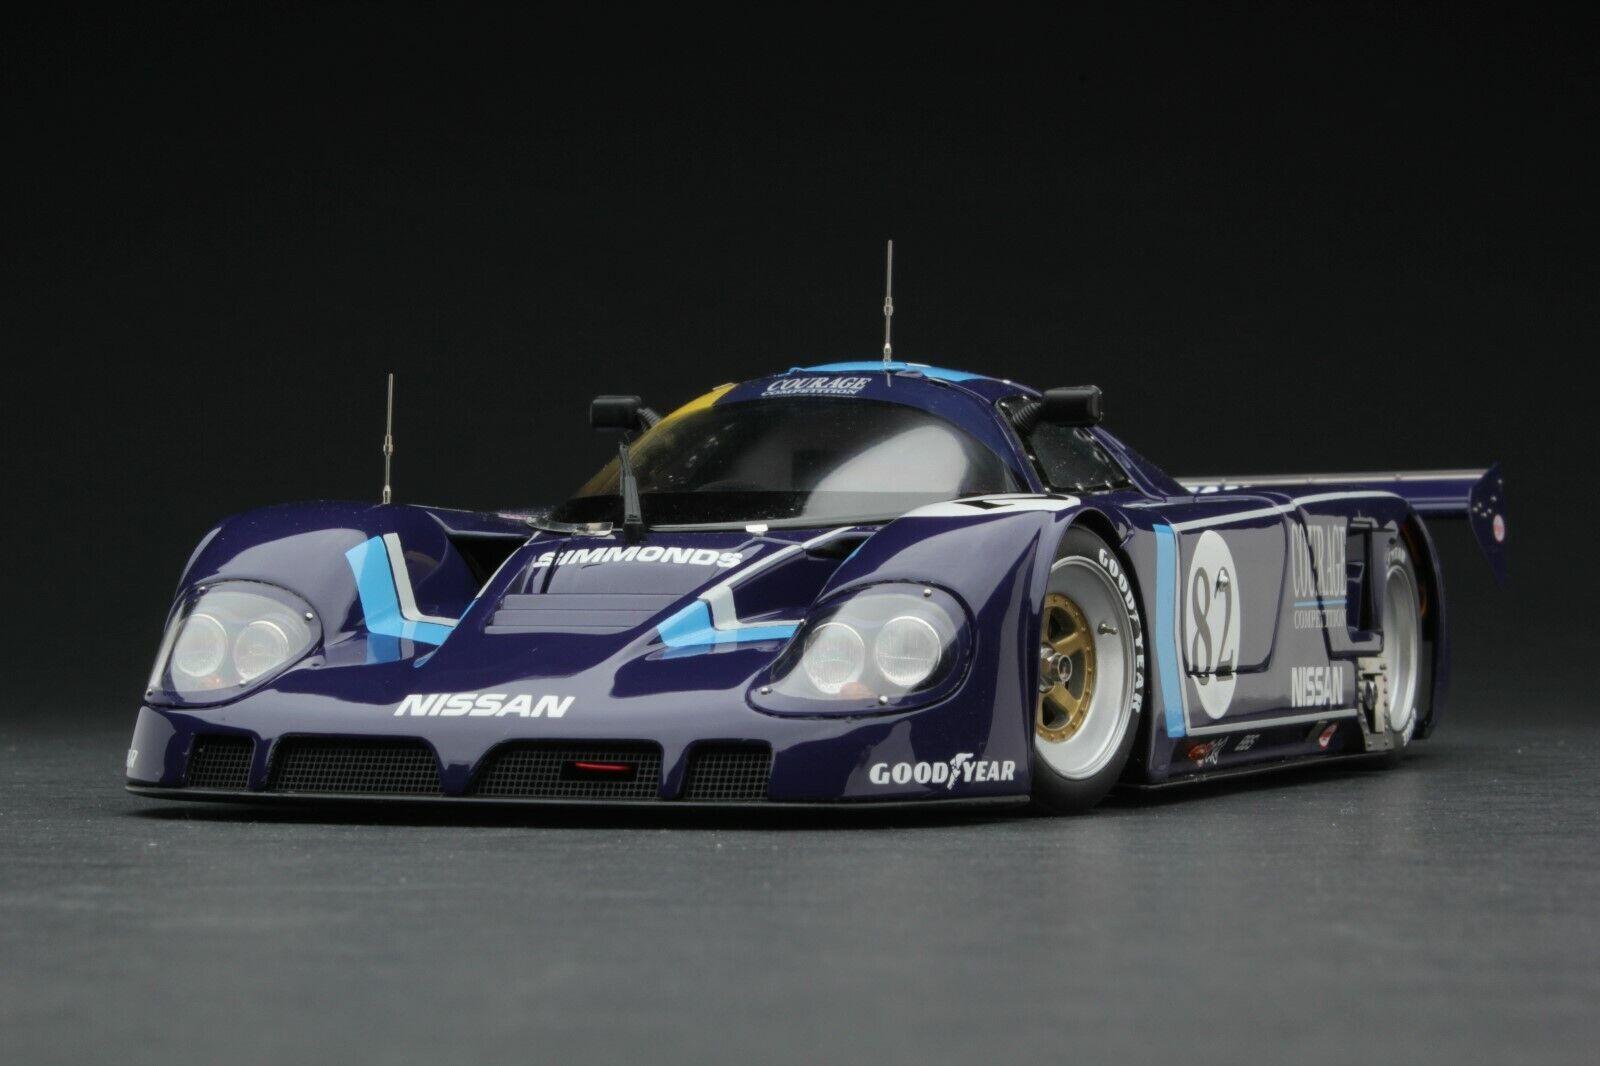 tienda de descuento Exoto     1 18   1990   coraje Nissan R89C Le Mans privado Equipo     RLG88107  venta mundialmente famosa en línea